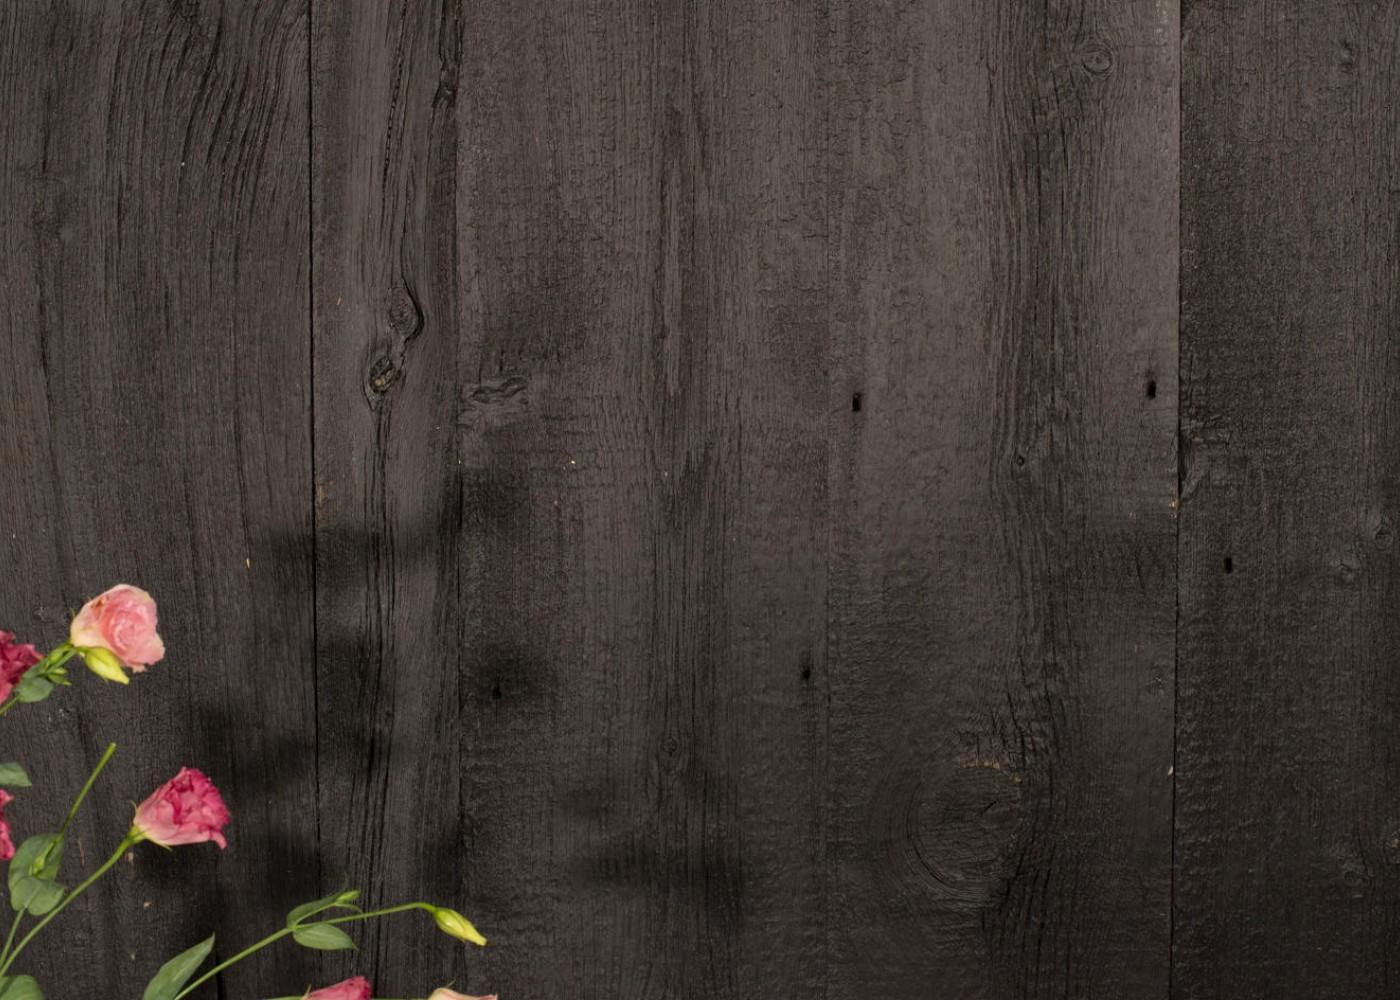 Bardage Monolame Bois Us Déligné Raboté Campagne Vieilli Peint Noir Dense Peinture d'Aujourd'hui , longueurs de 3,6 à 4,2m